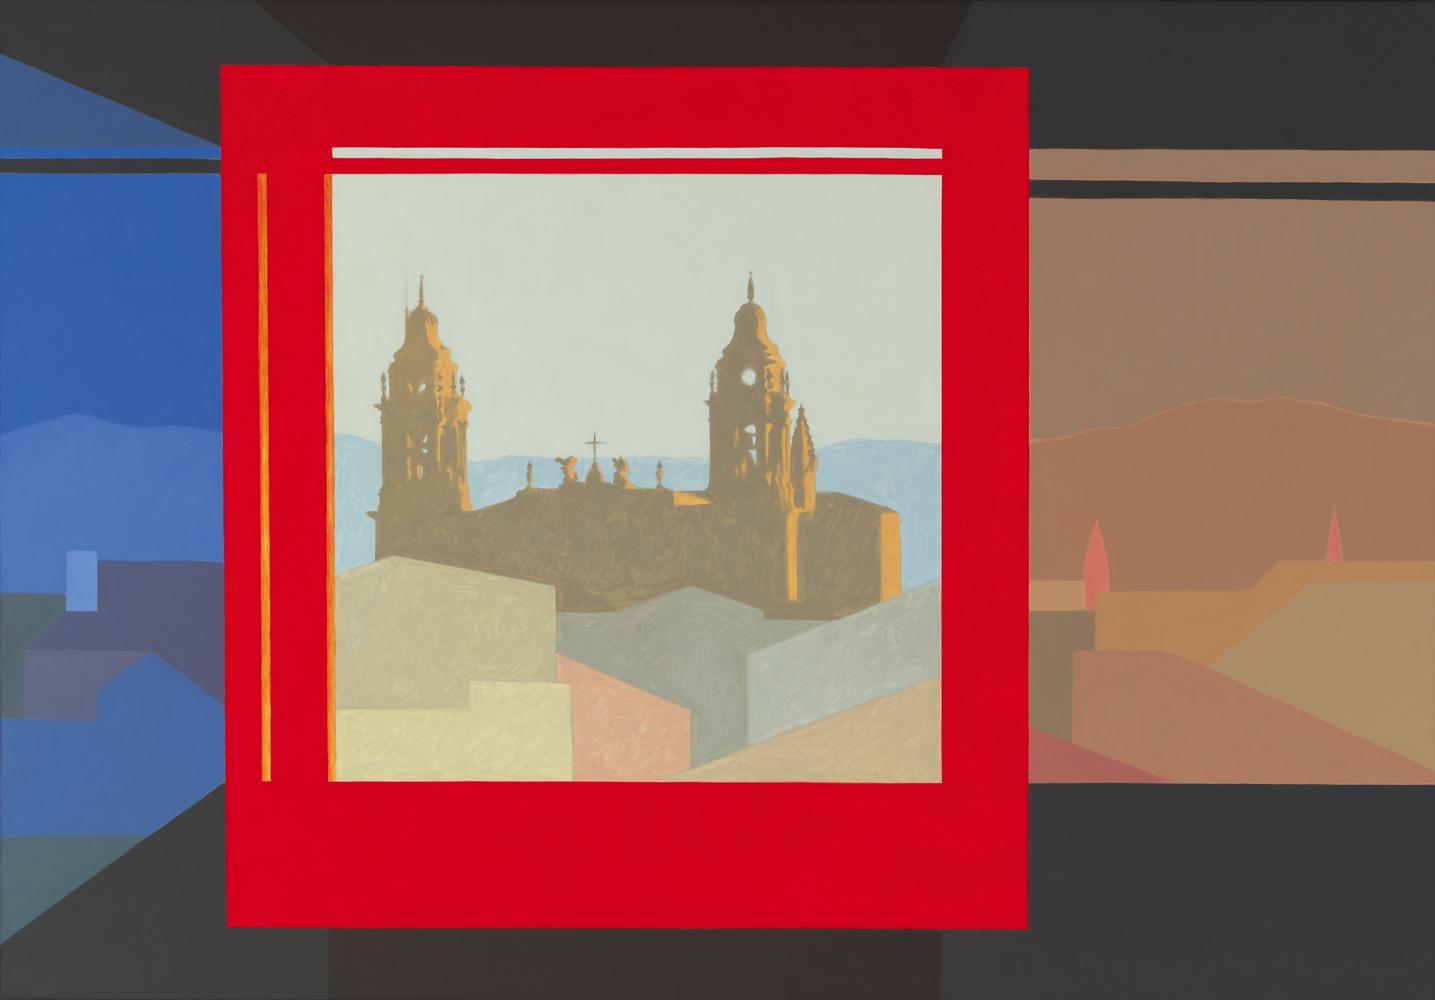 Diapositiva (desde el Maisonnave), 81 x 116 cm, óleo lienzo, 2003.